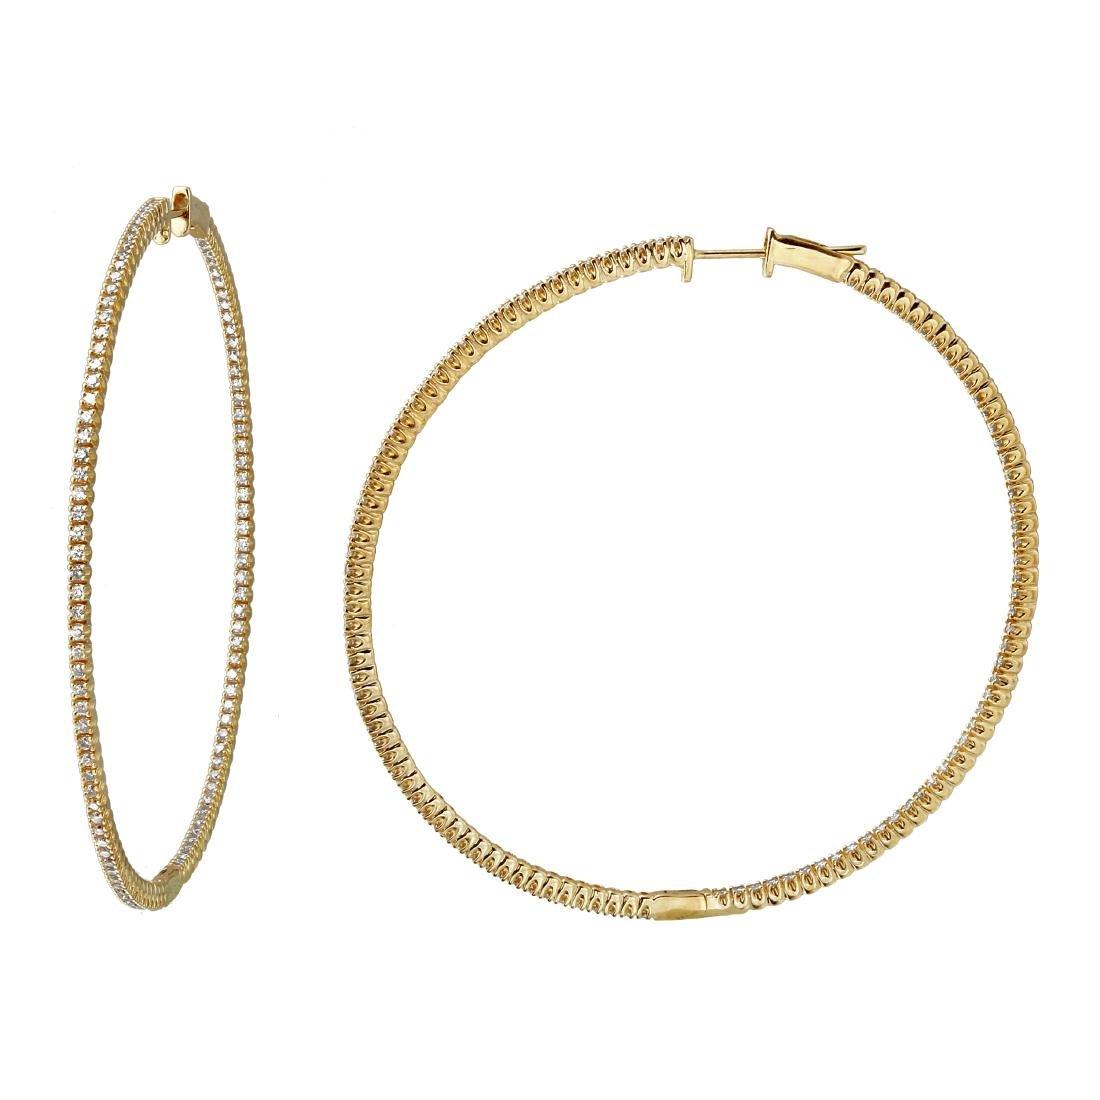 Genuine 1.62 TCW 14K Yellow Gold Ladies Earrings